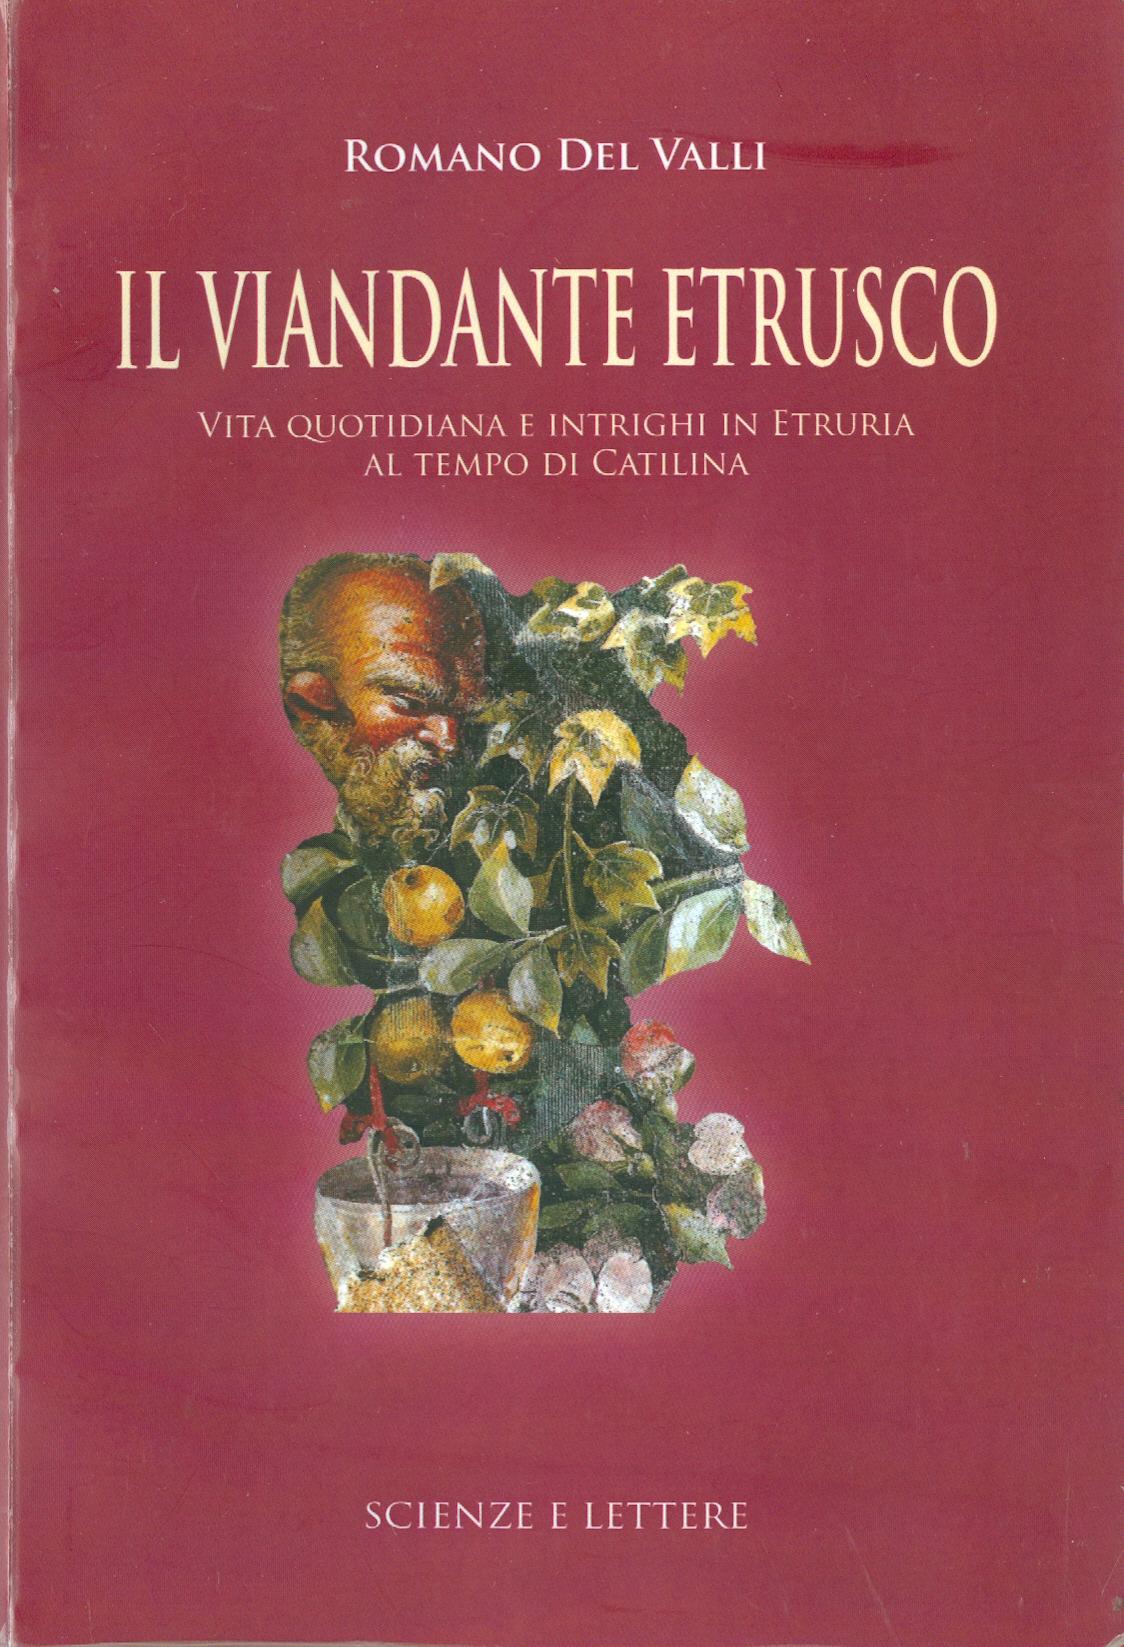 Il viandante etrusco